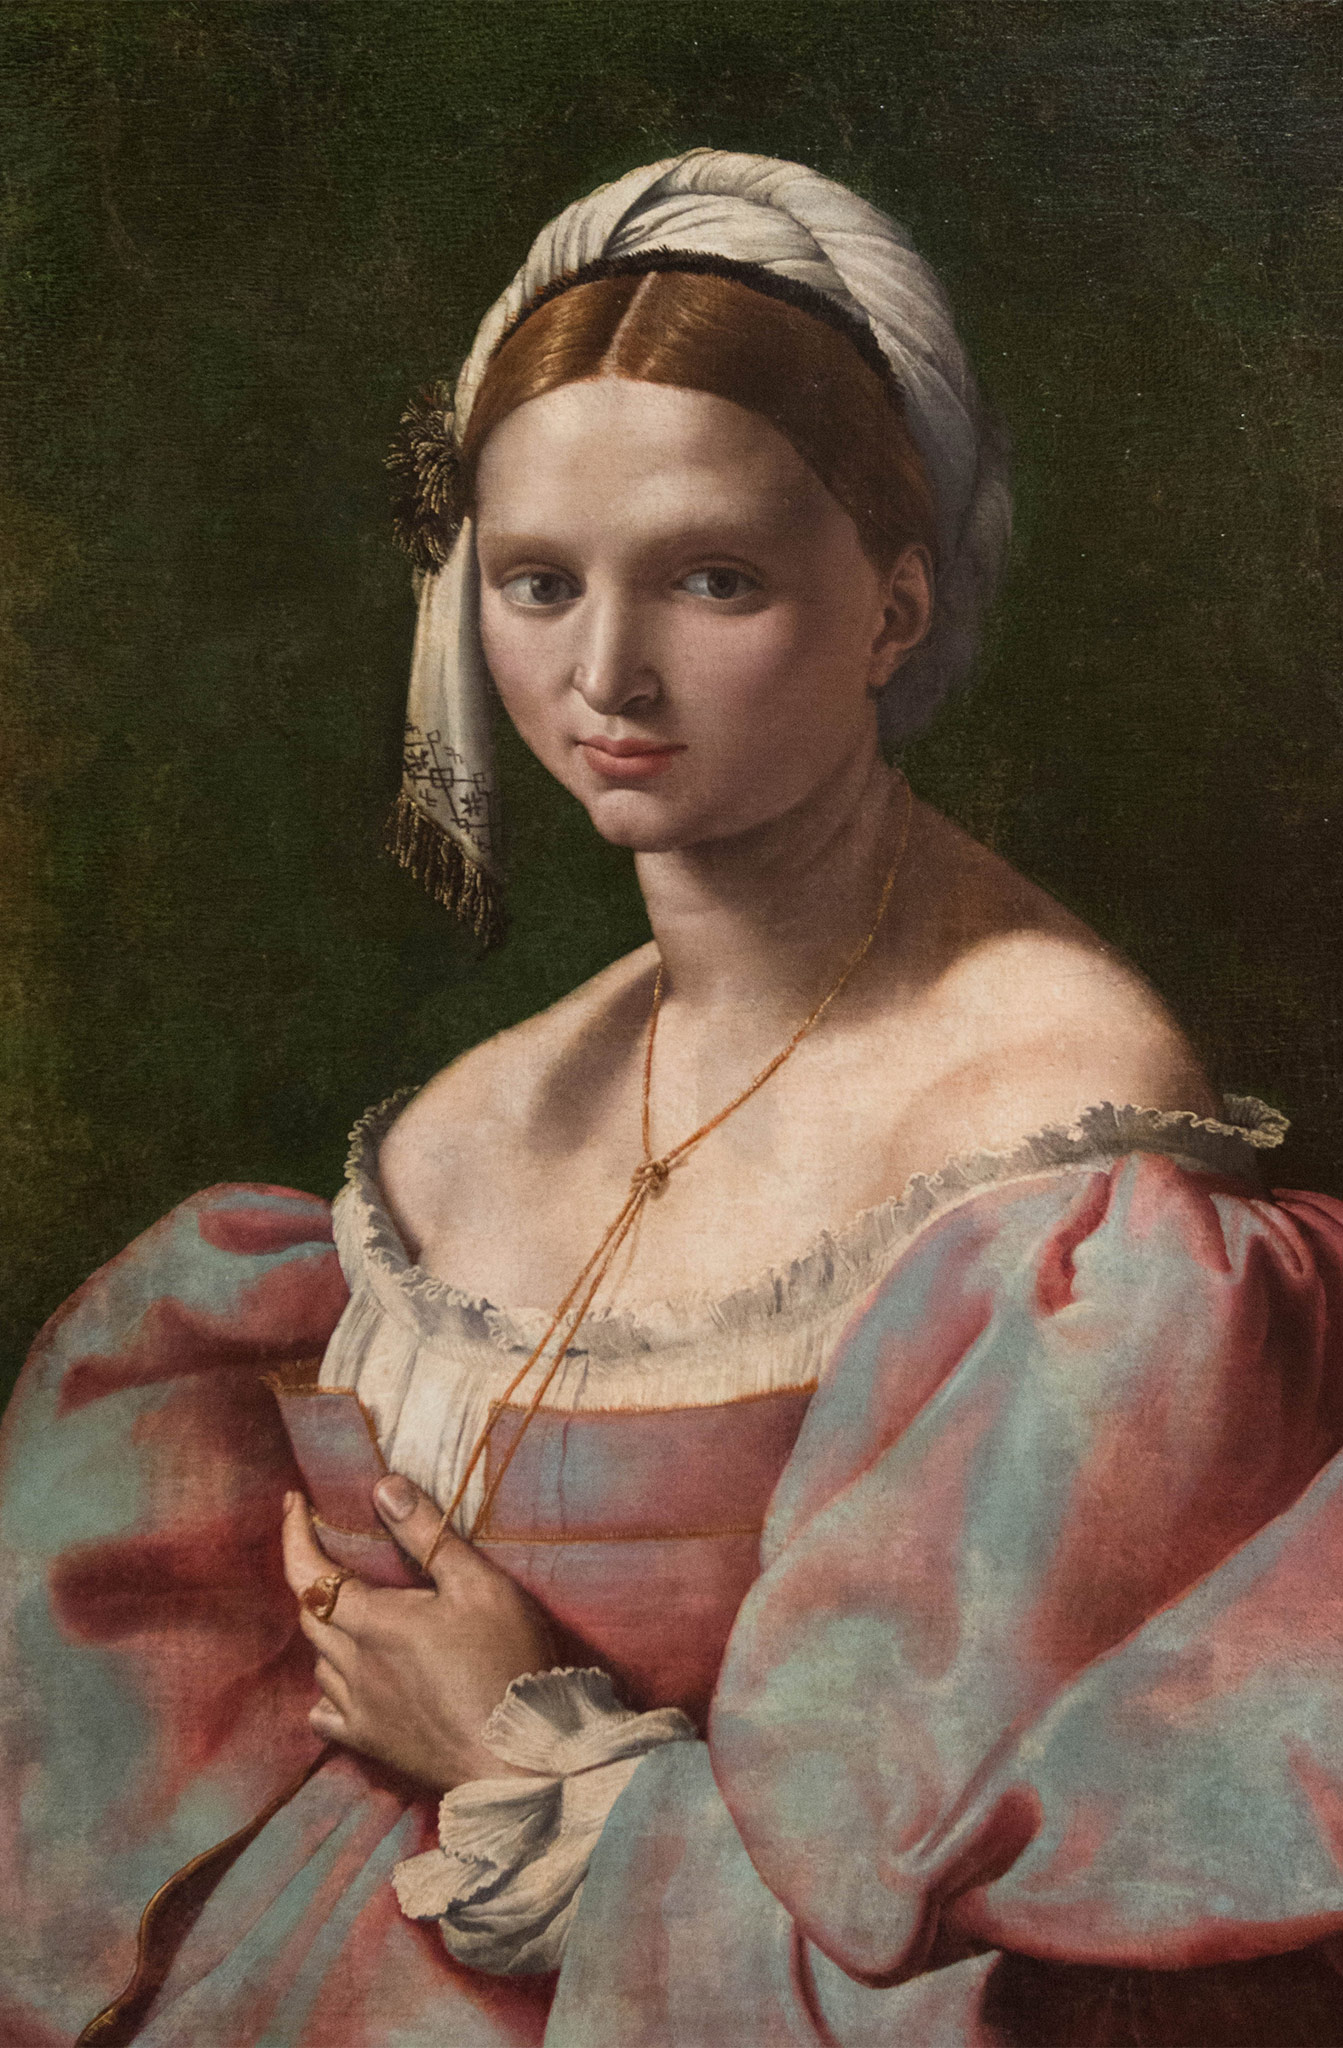 Portrait de jeune femme - Giuliano Bugiardini (1475-1554) Florence 1516-25 - huile sur toile - Musée Calouste Gulbenkian - Lisbonne